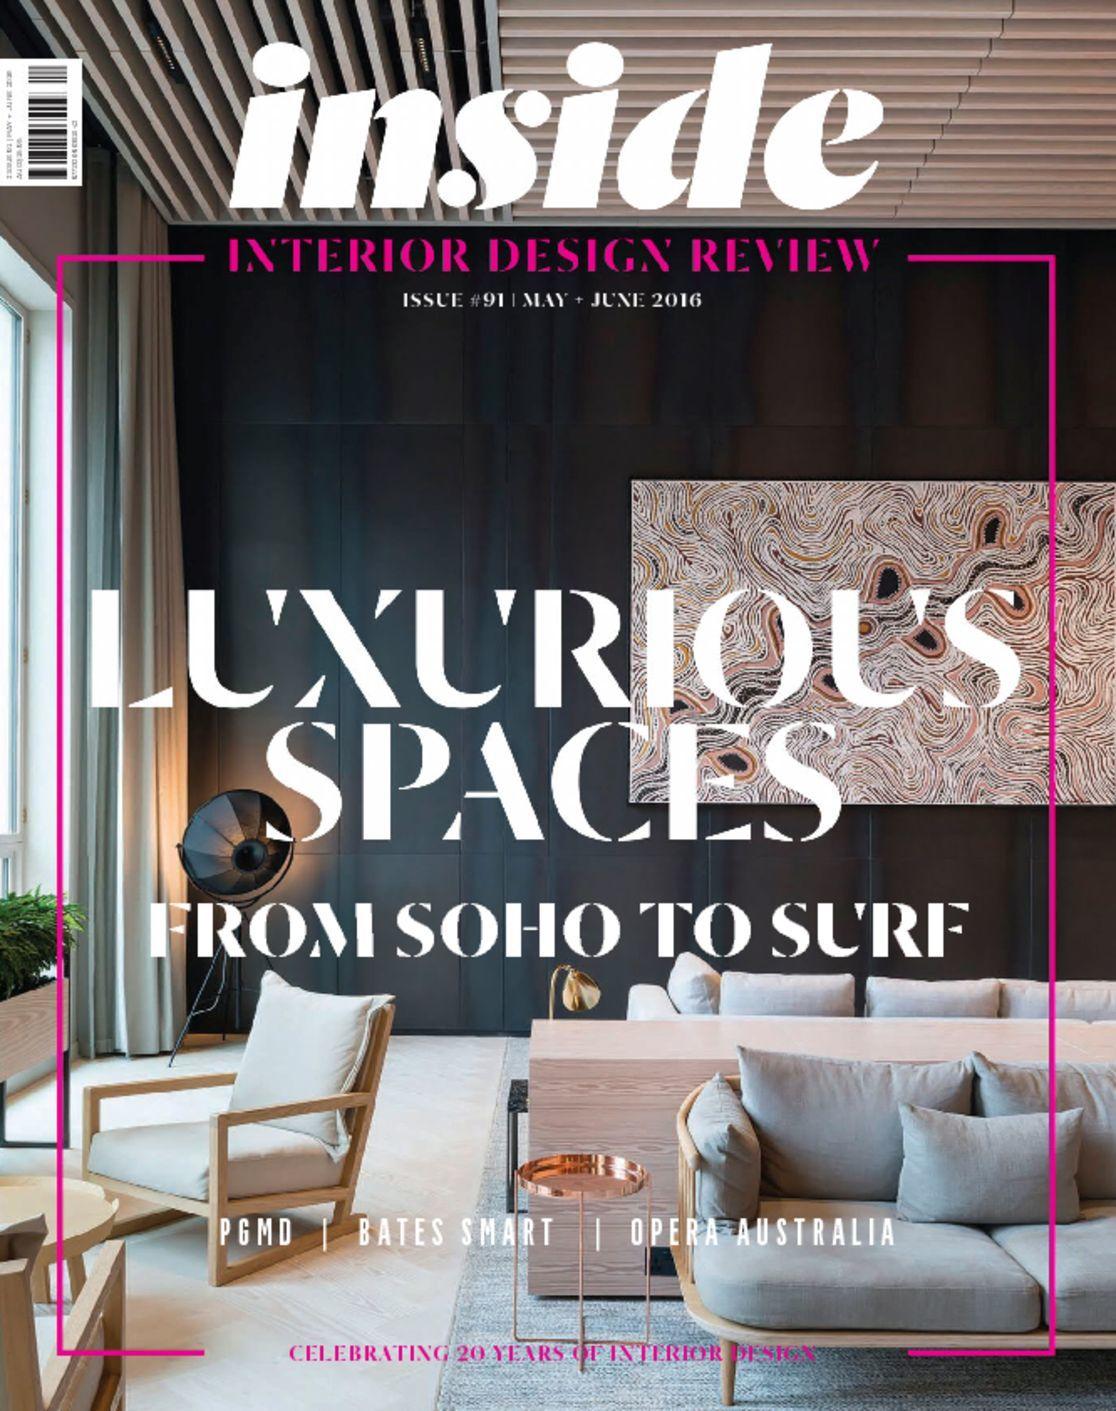 Inside Interior Design Review Digital Magazine